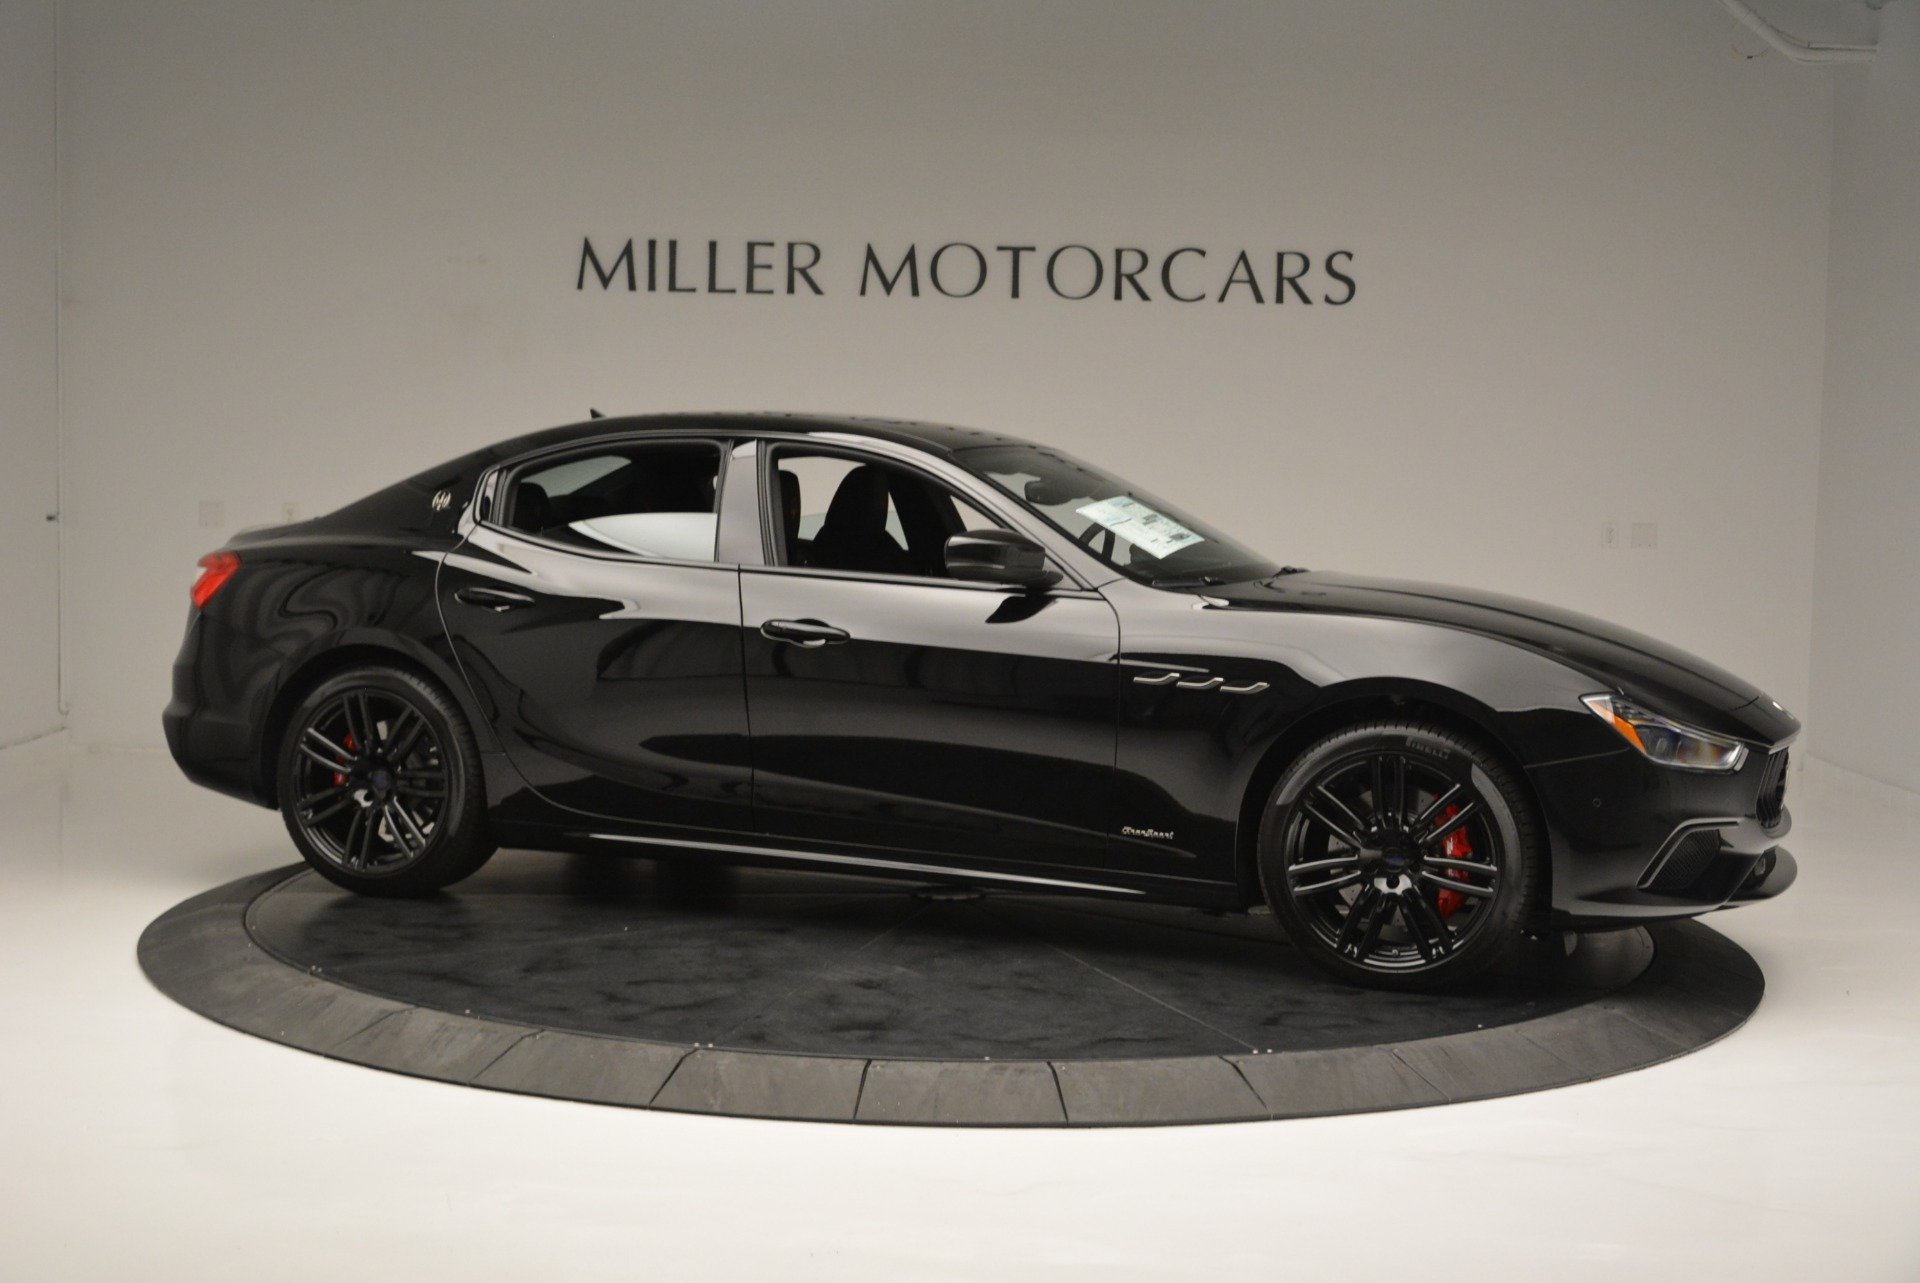 New 2018 Maserati Ghibli SQ4 GranSport Nerissimo For Sale In Greenwich, CT 2278_p10